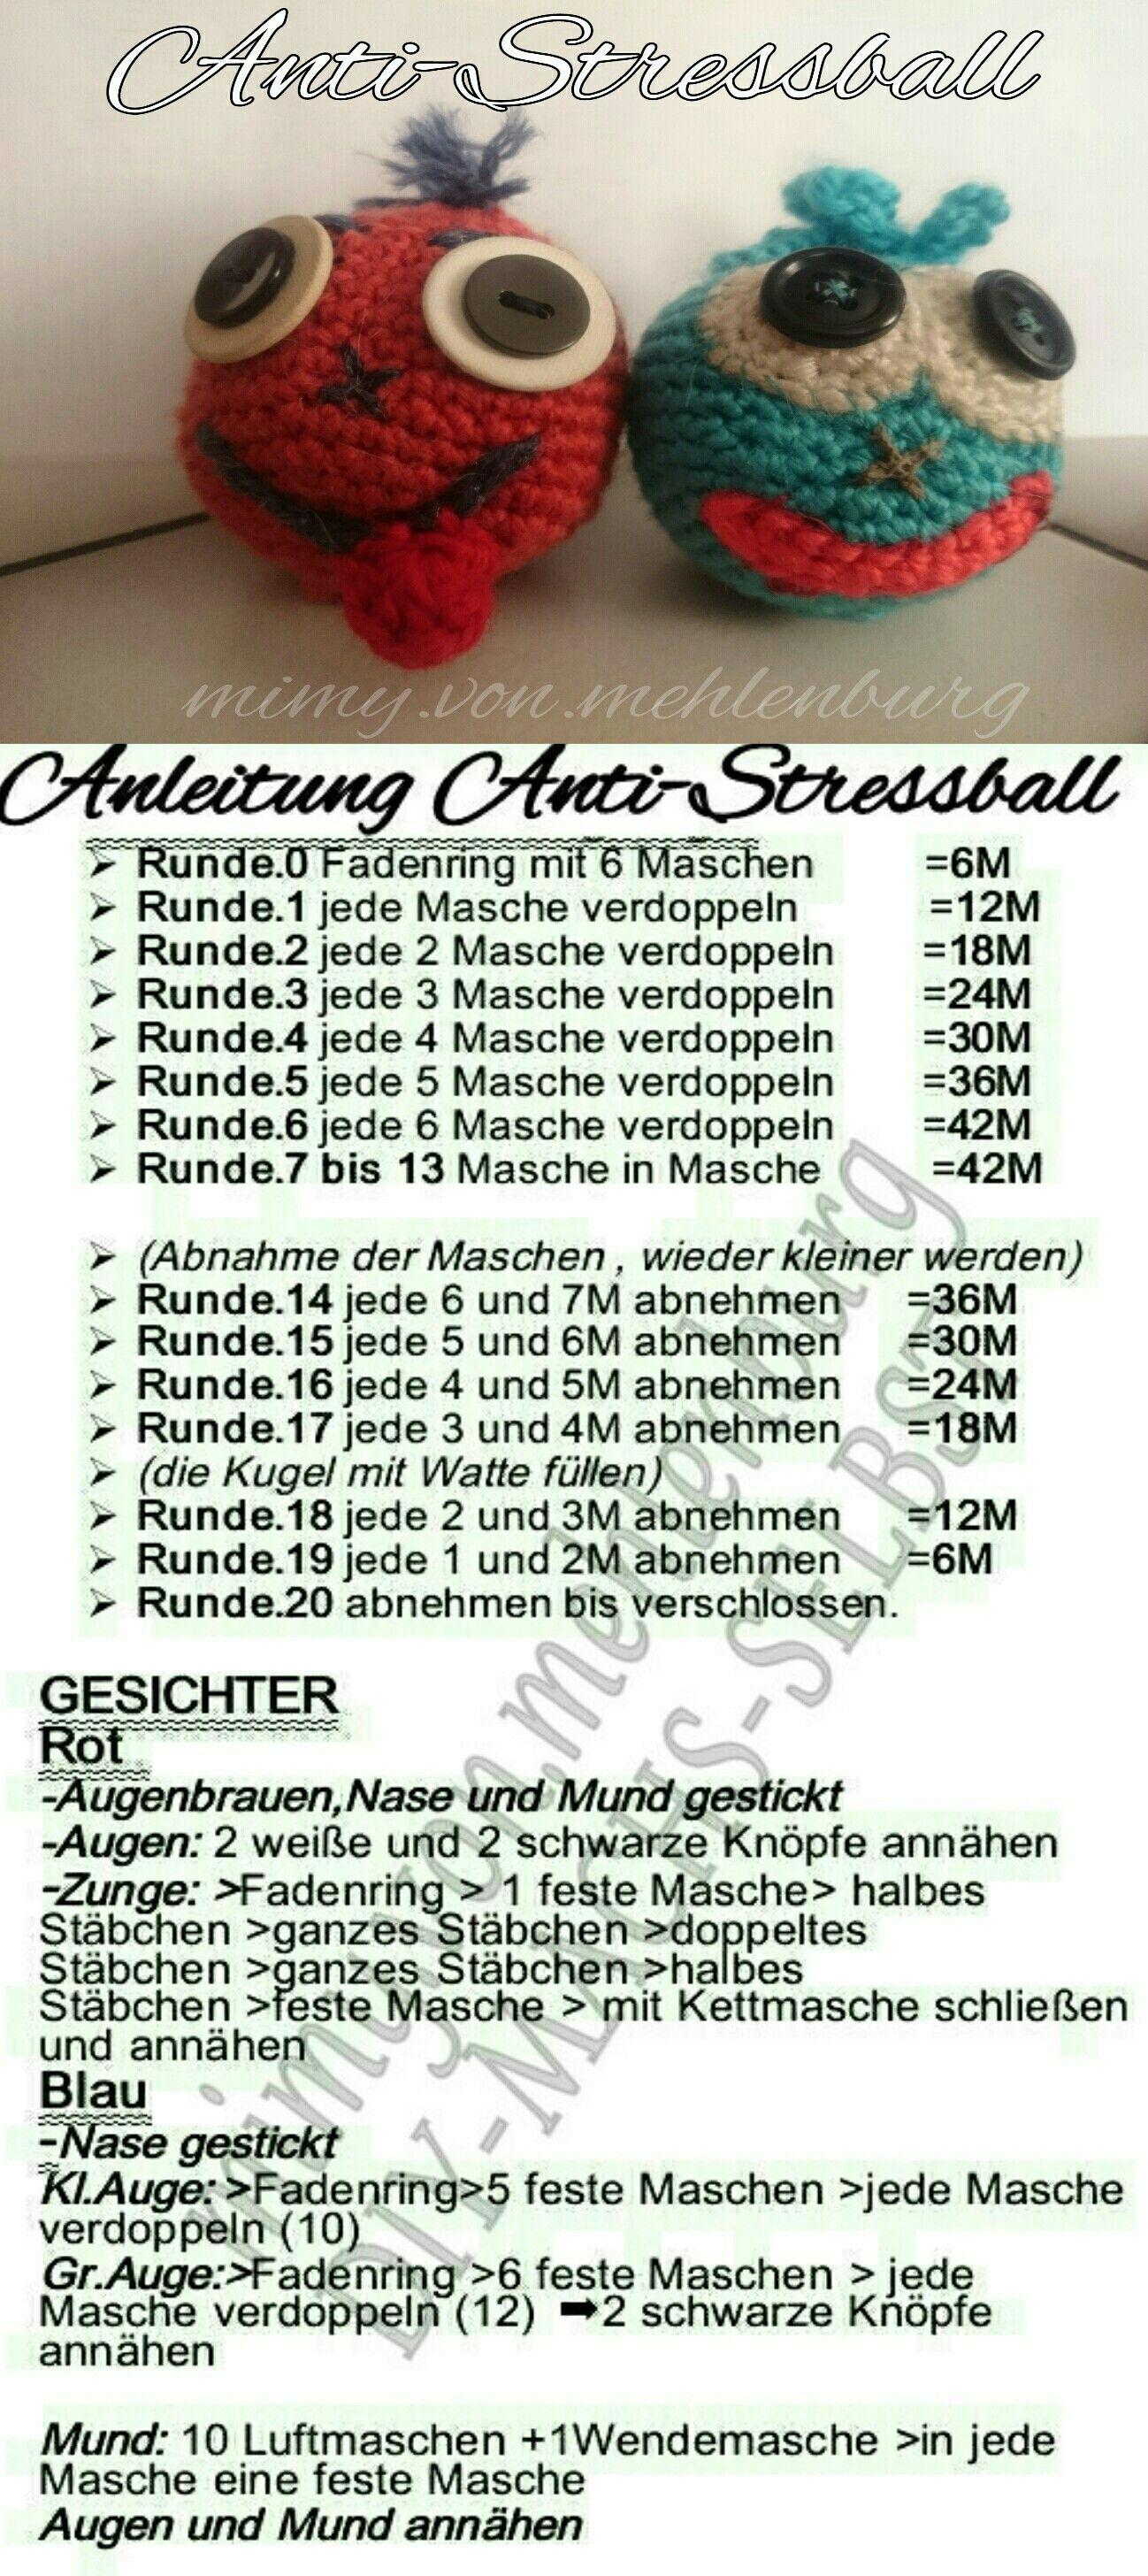 Anti Stressball Häkeln Mit Deutscher Anleitung Schnell Und Einfach